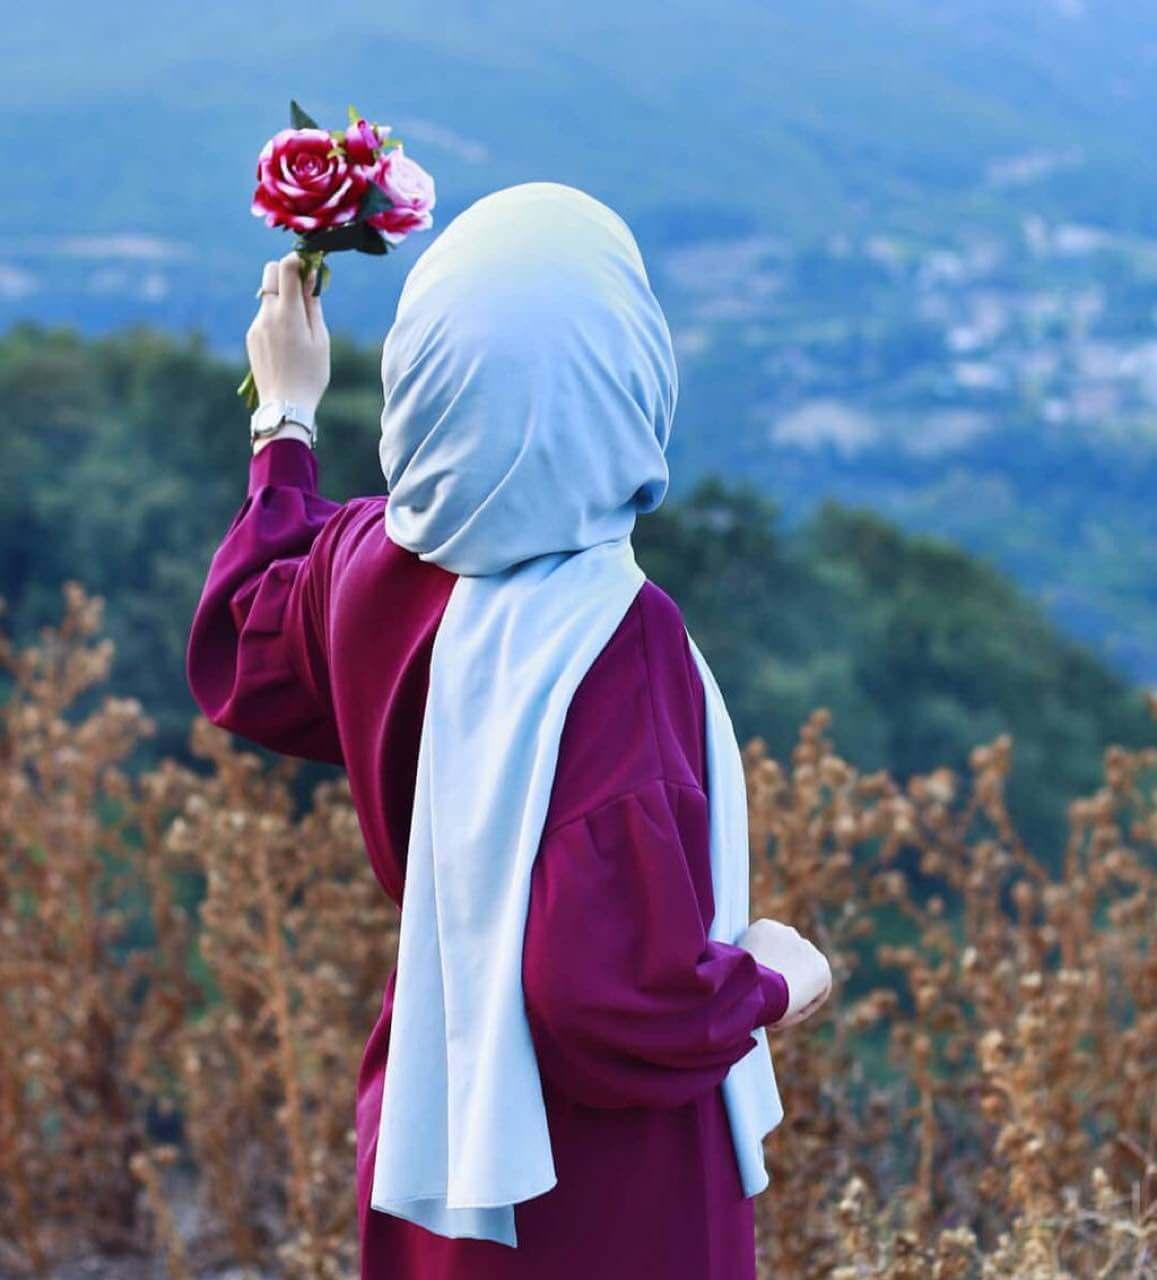 bayanlar-icin-islami-profil-resimleri-3-19